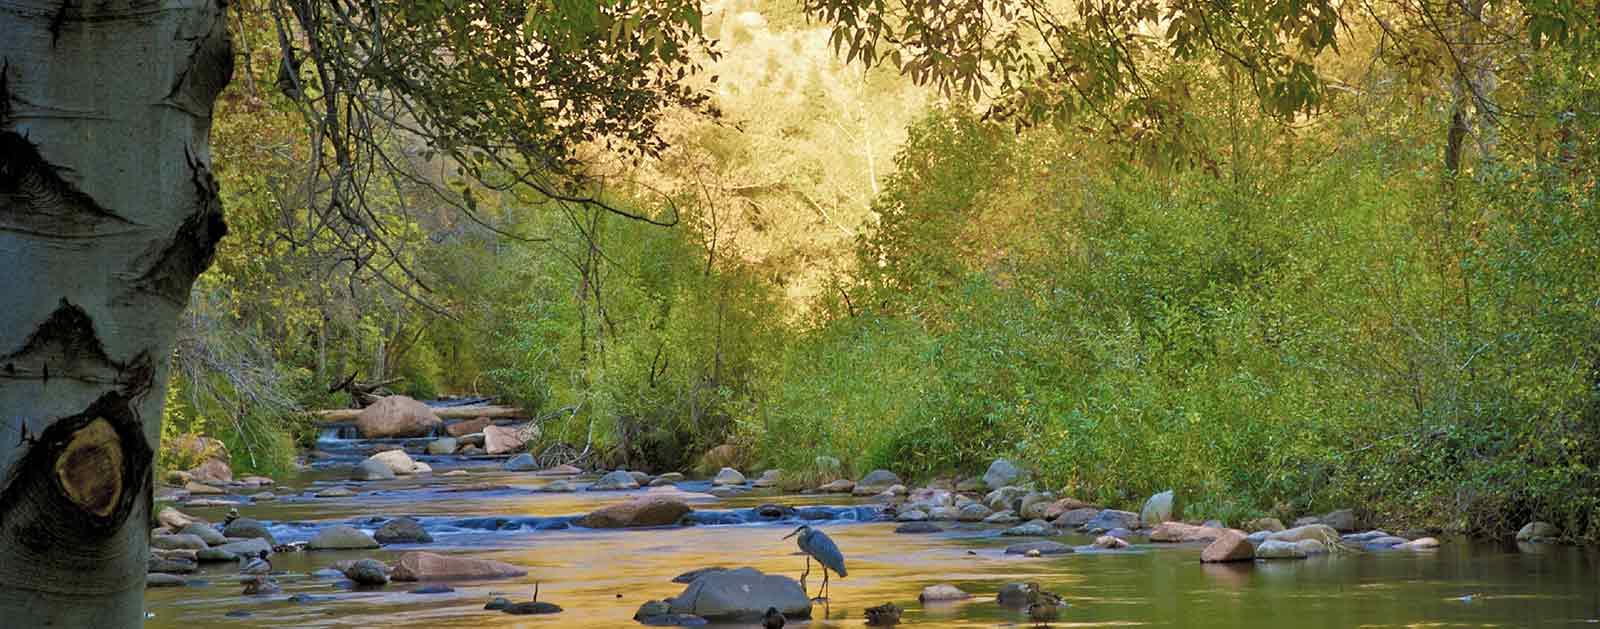 verde river american rivers. Black Bedroom Furniture Sets. Home Design Ideas